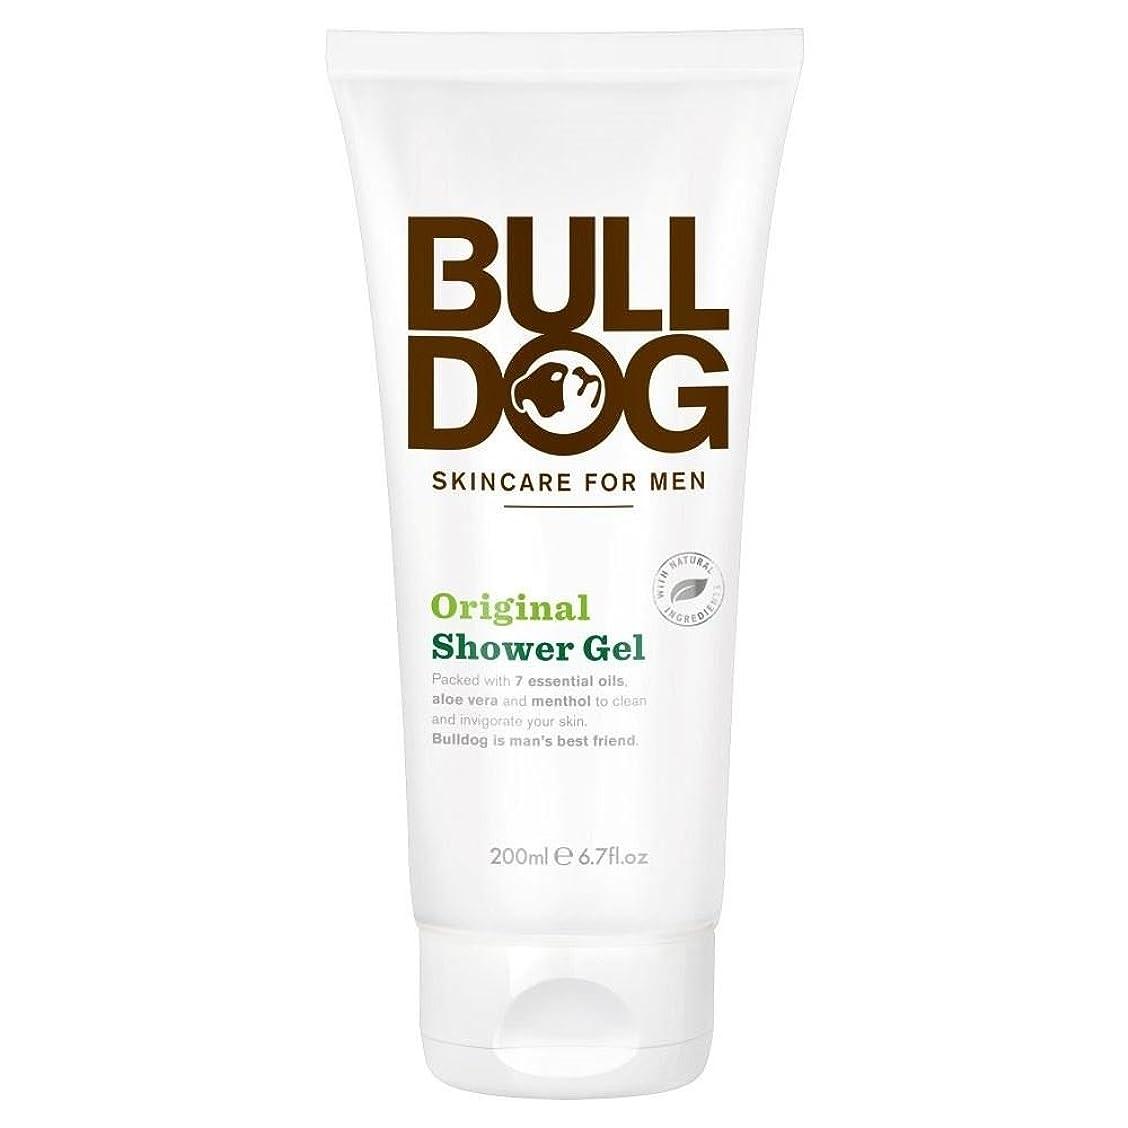 良さ刑務所接地Bulldog Shower Gel - Original (200ml) ブルドッグのシャワージェル - 元( 200ミリリットル)